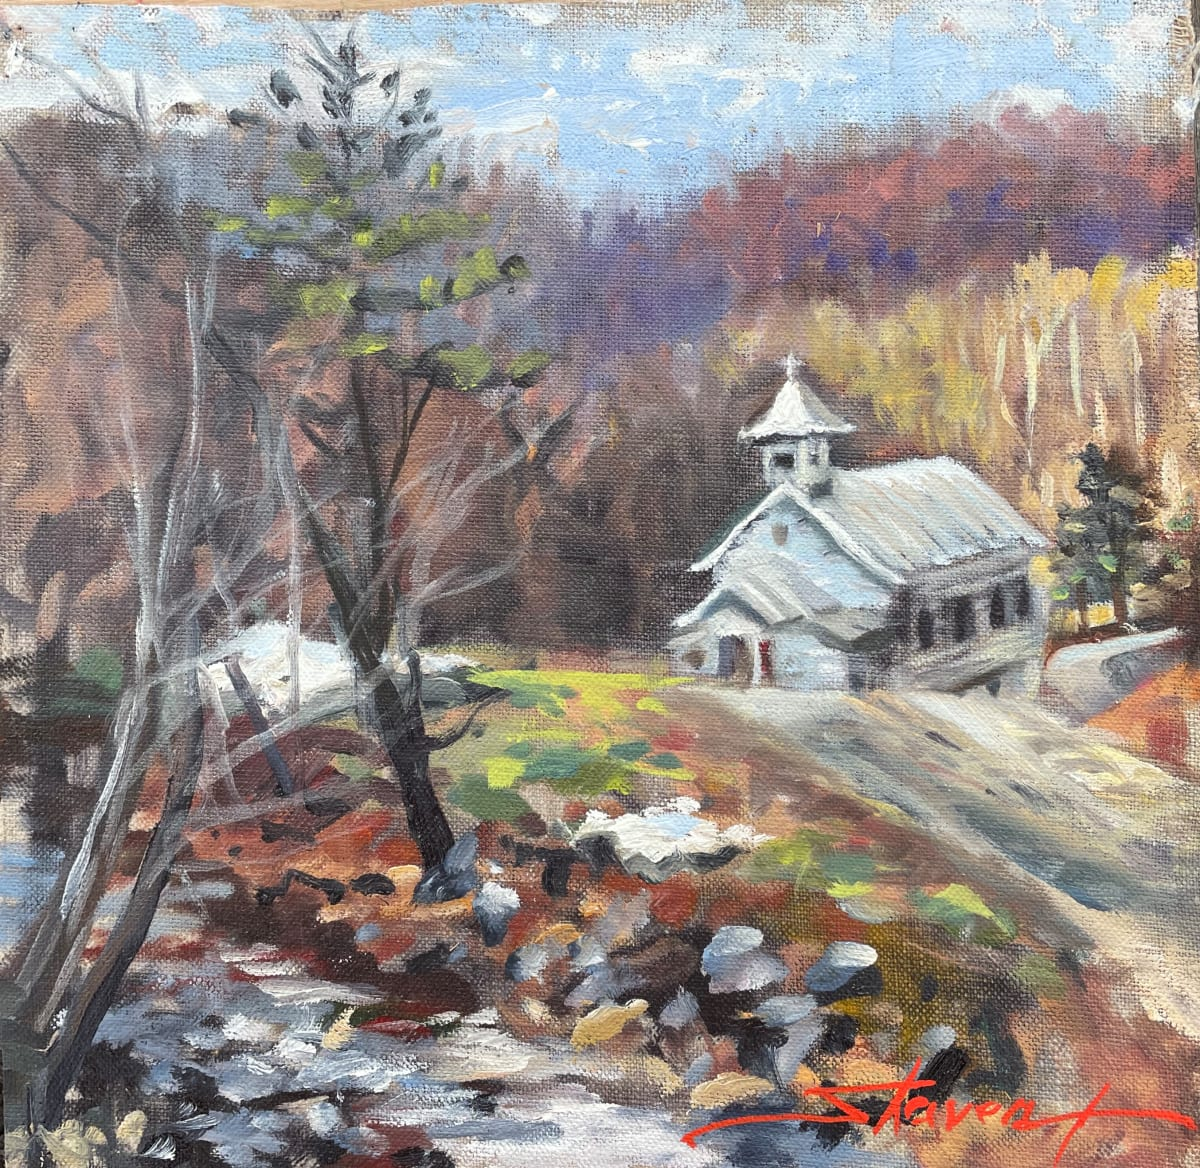 Plein WV Church by Sharon Rusch Shaver